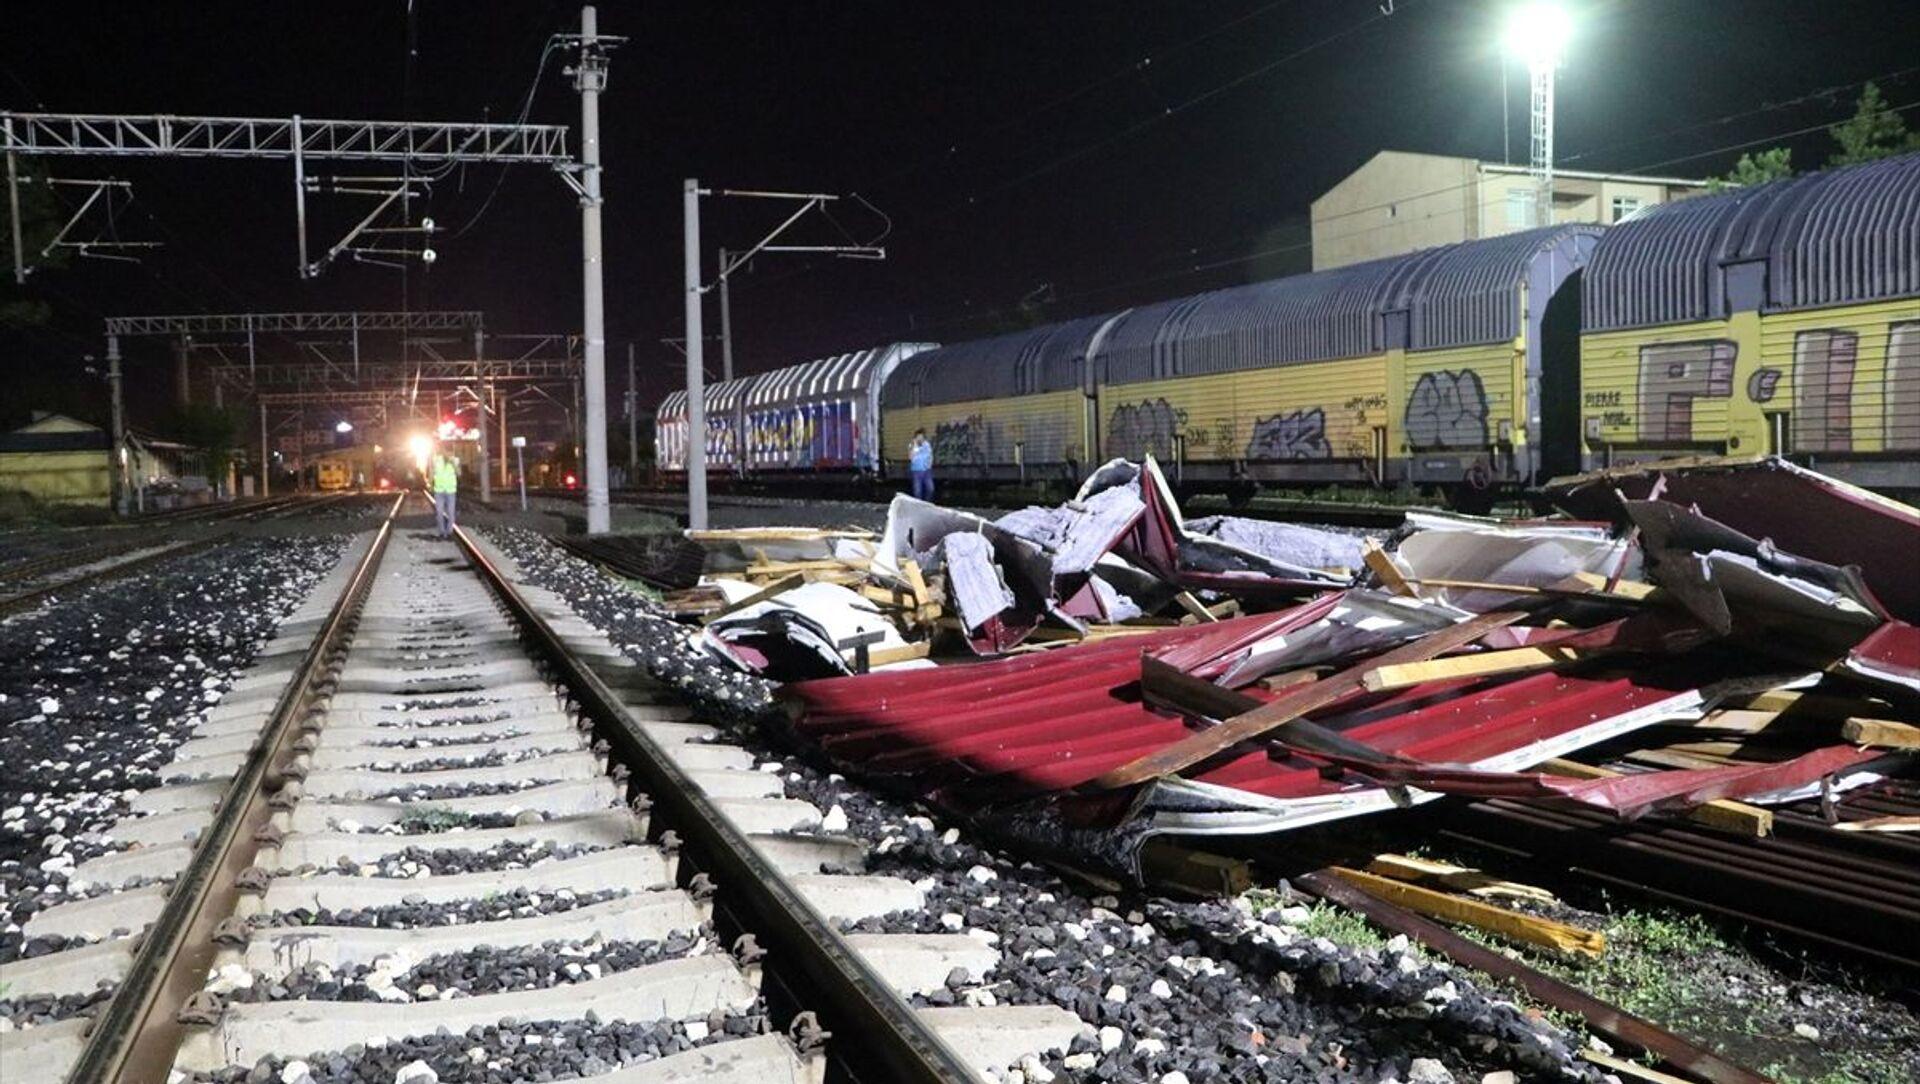 Edirne'de şiddetli fırtına sebebiyle tren garında bulunan elektrifikasyon direkleri vagonların üstüne devrildi. - Sputnik Türkiye, 1920, 03.07.2021